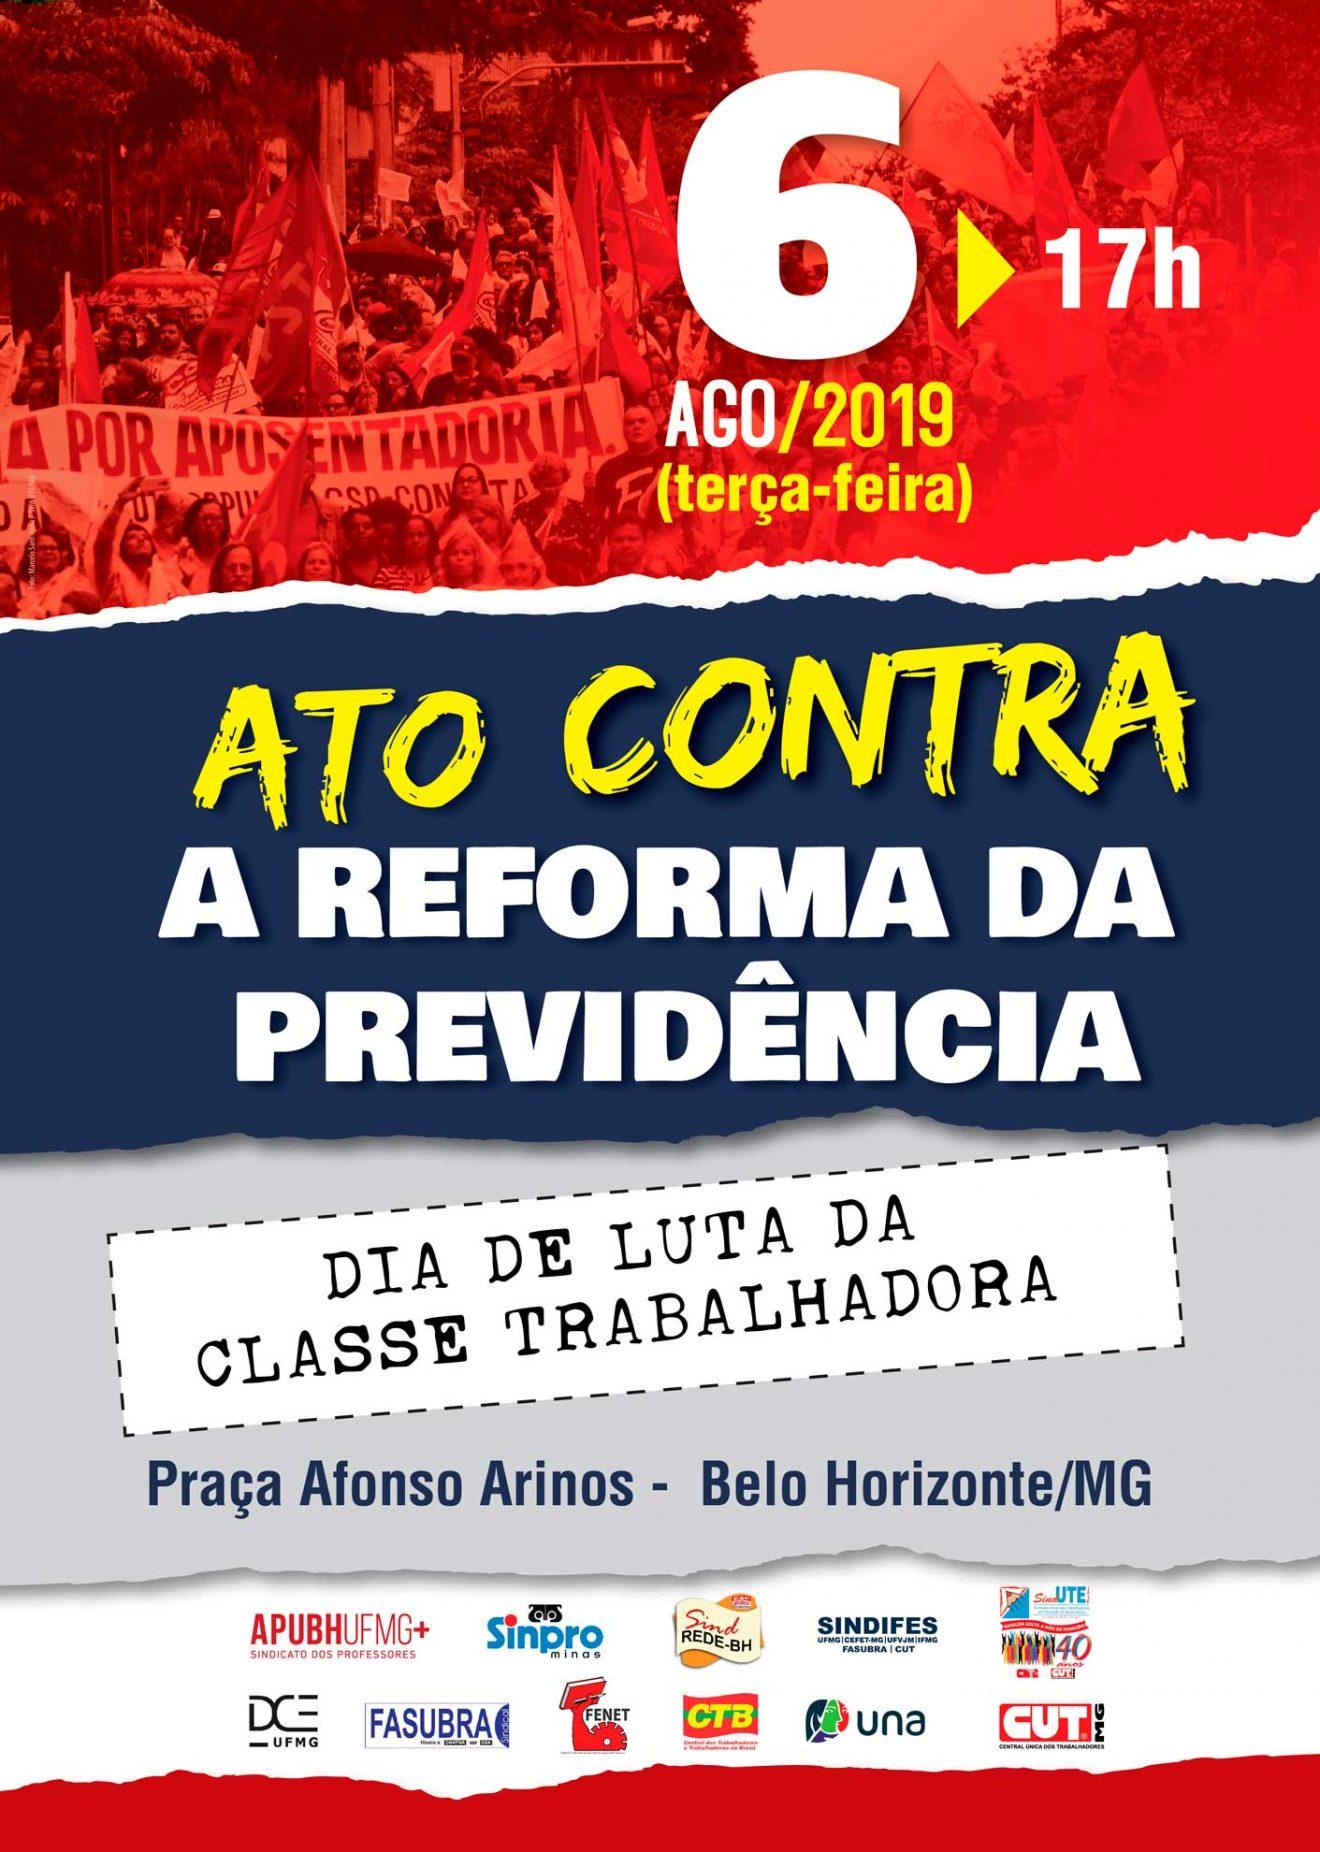 SINDIFES convoca Categoria para Ato, nesta terça, dia 6 de Agosto às 17h, na Praça Afonso Arinos, em BH 3